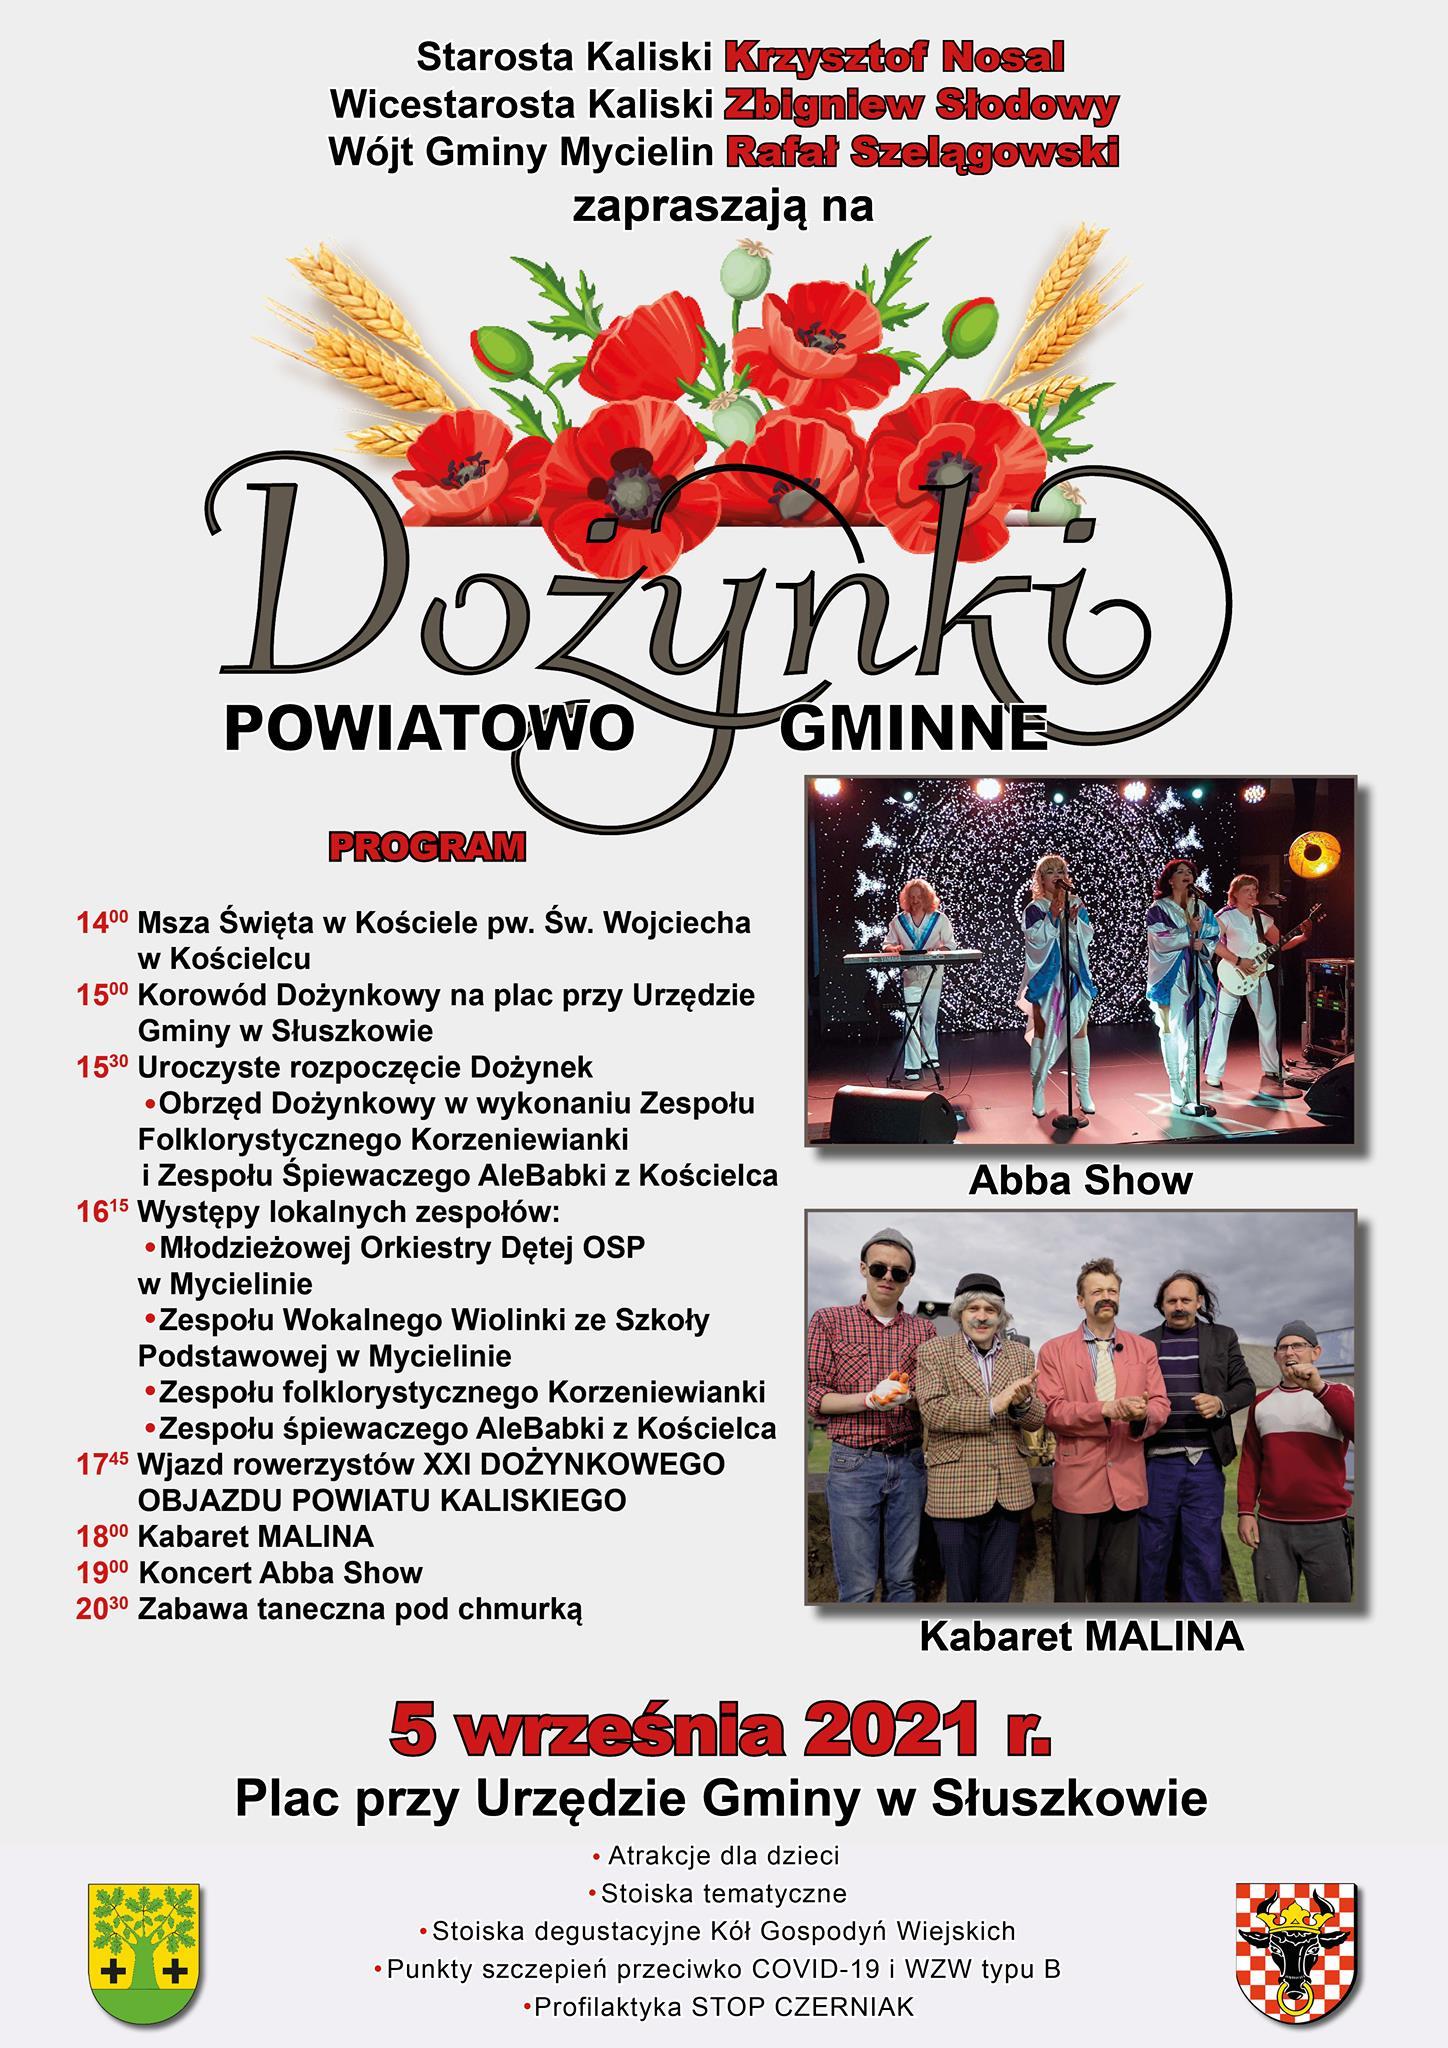 gmina mycielin dozynki - Dożynki w Słuszkowie wraz z szczepieniami przeciw WZW typu B oraz profilaktyką STOP CZERNIAK.